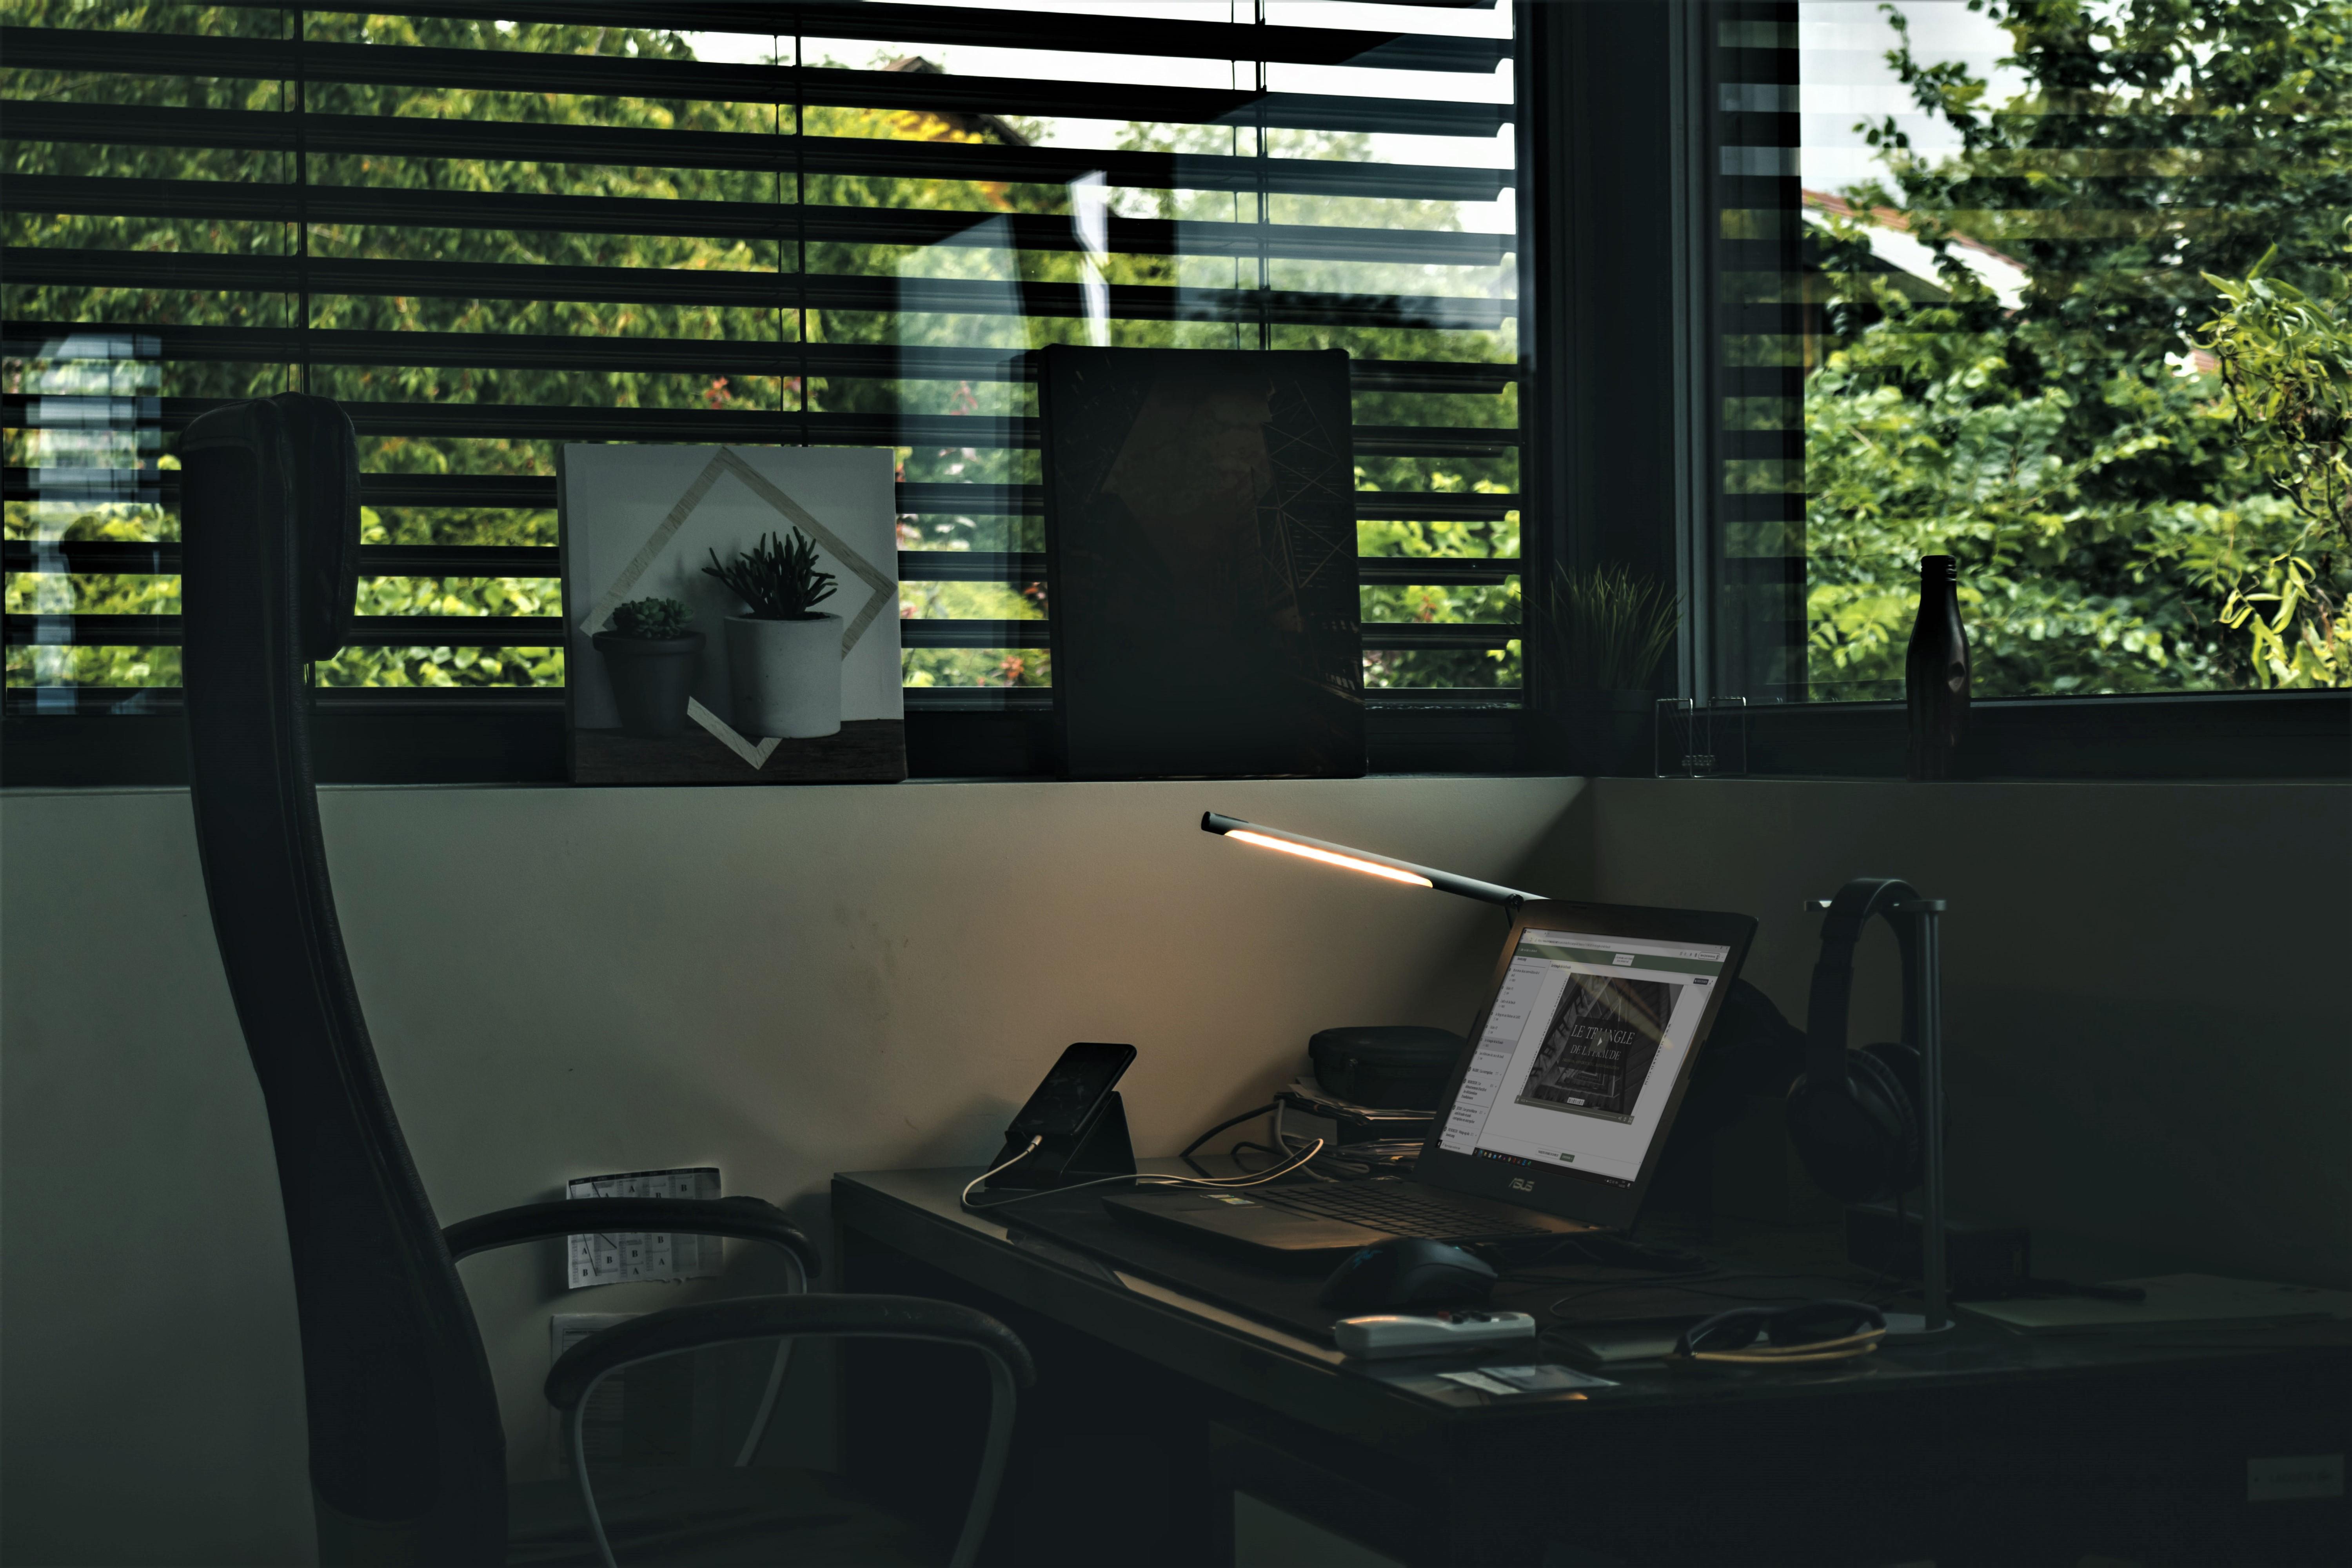 Marsard - Le bootcamp anti-fraude [en entreprise]